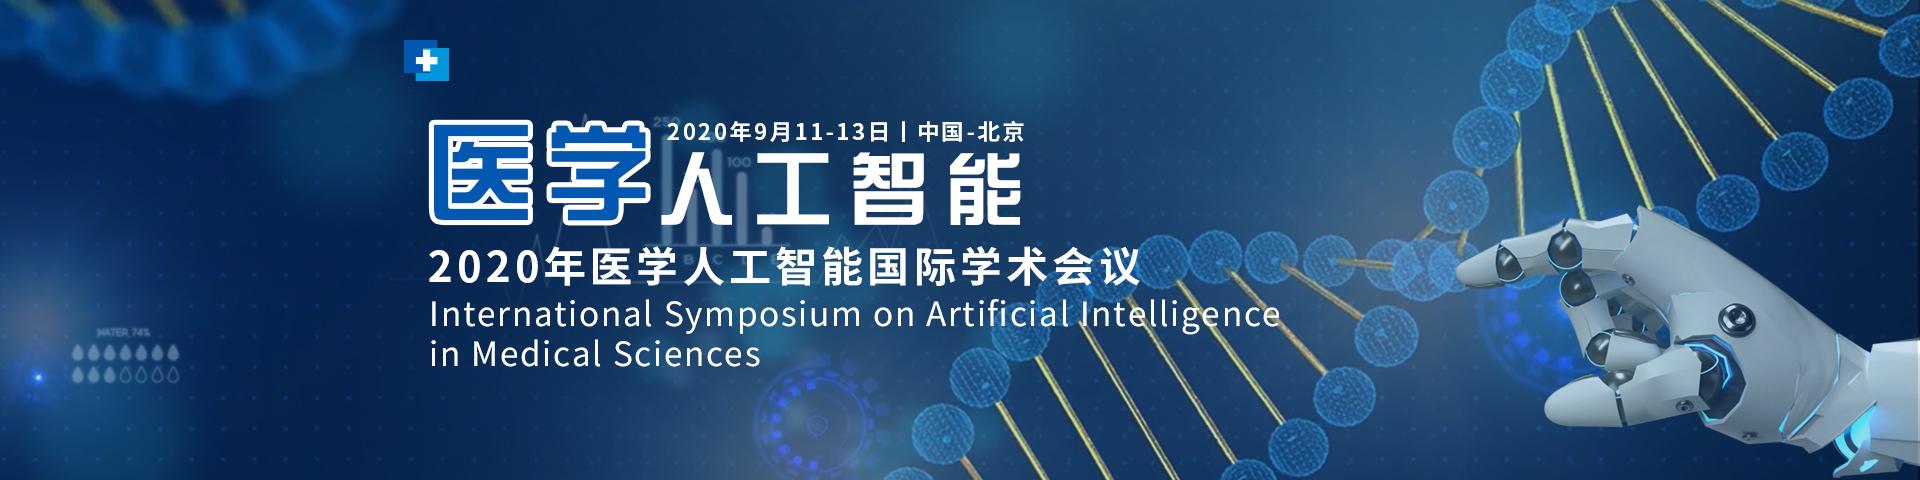 2020年医学人工智能国际学术会议(ISAIMS2020)